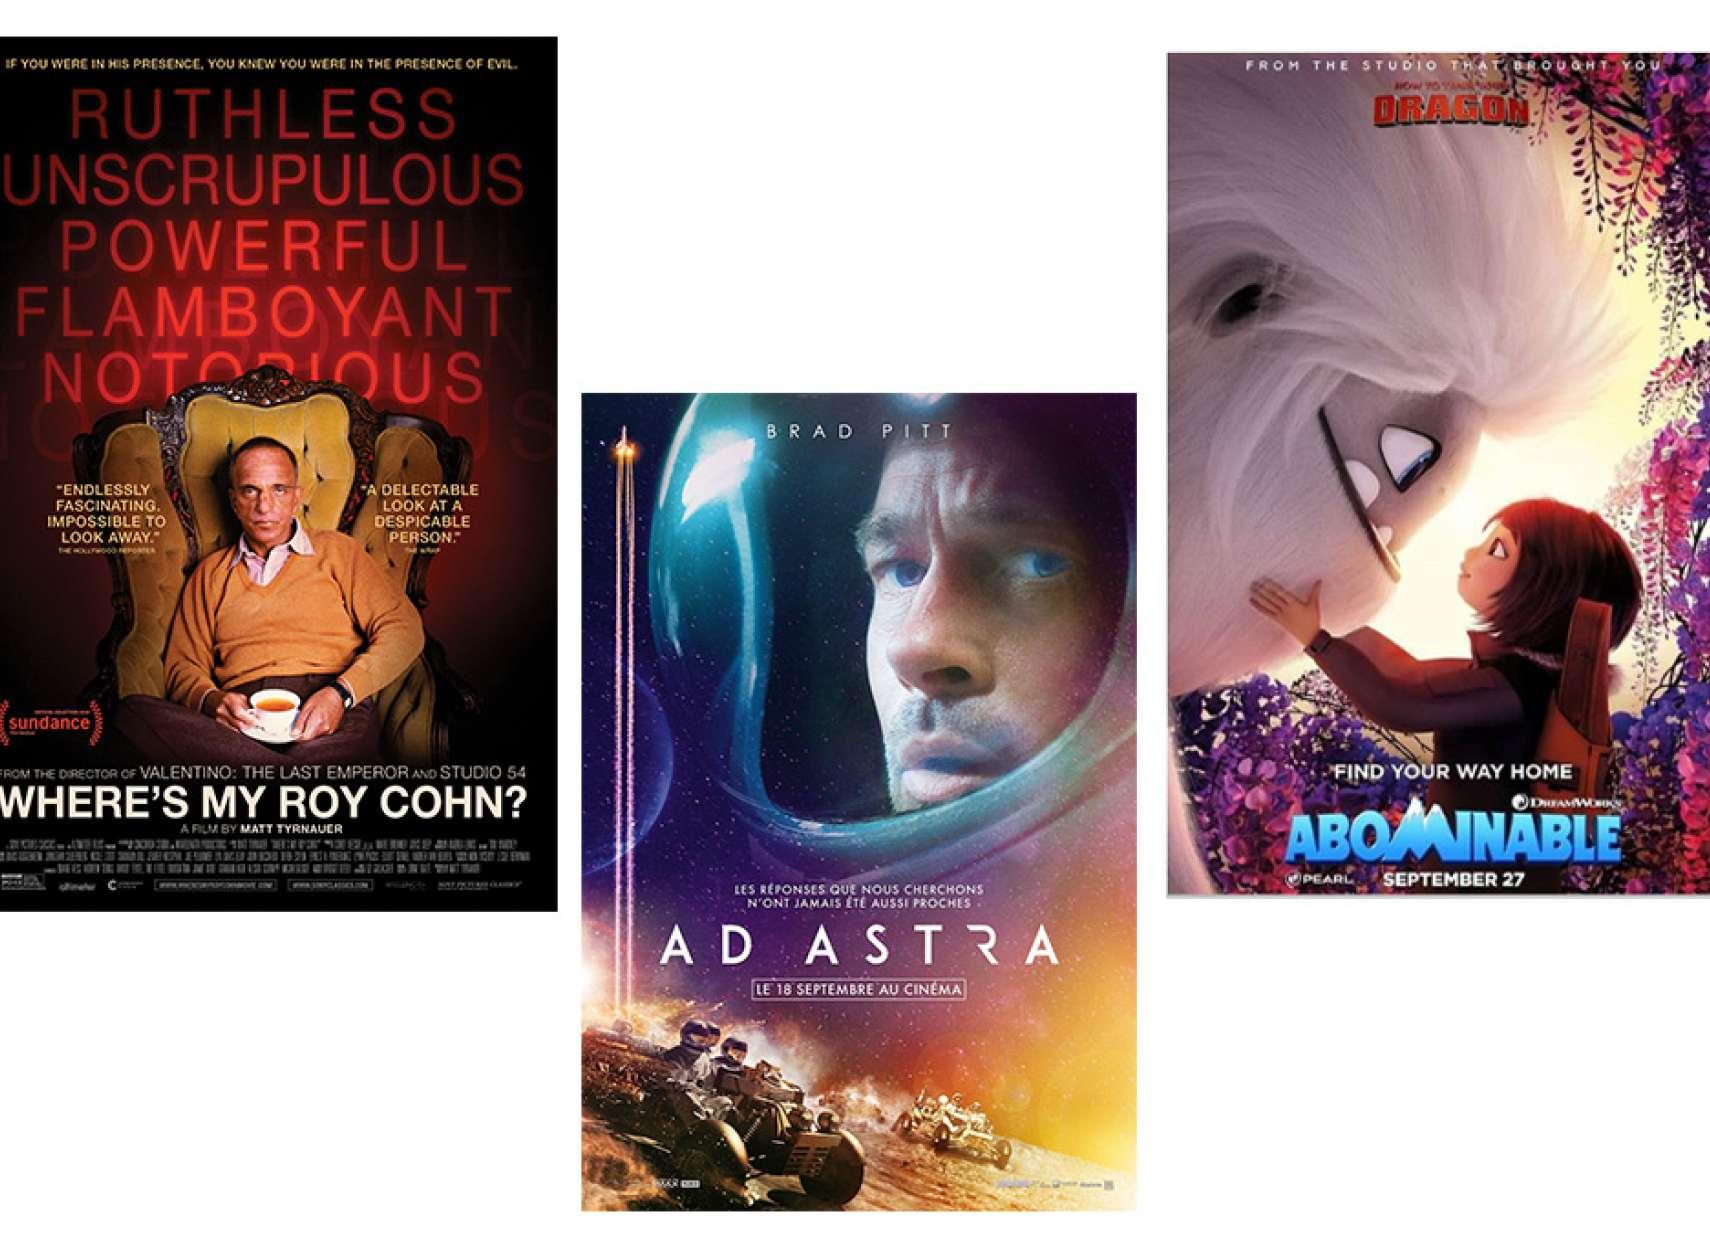 فیلم-ناظمزاده-فیلمهای-نیمه-ماه-سپتامبر-امسال